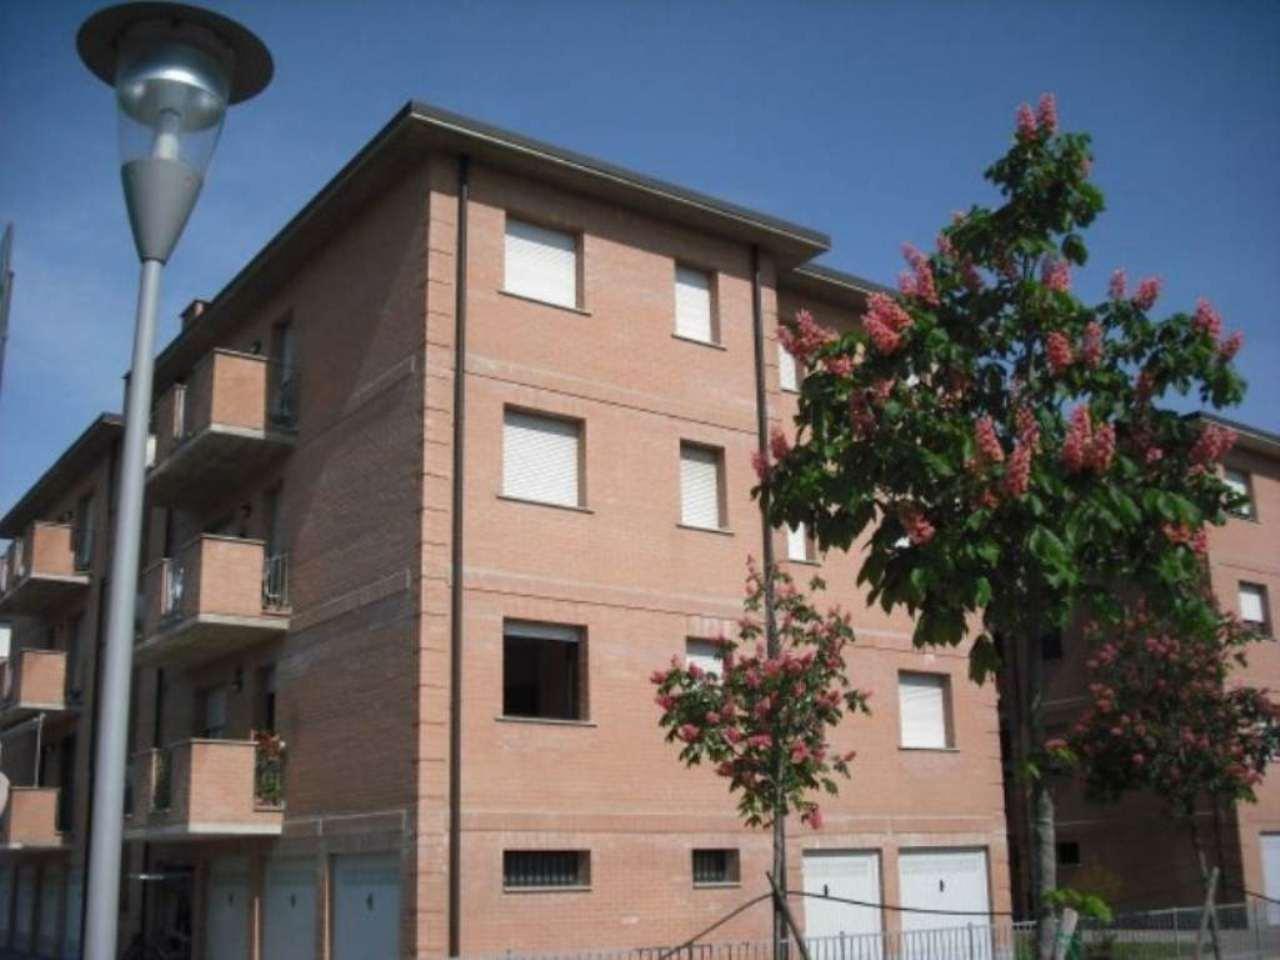 Appartamento in vendita a San Giovanni in Persiceto, 3 locali, prezzo € 180.000 | Cambio Casa.it